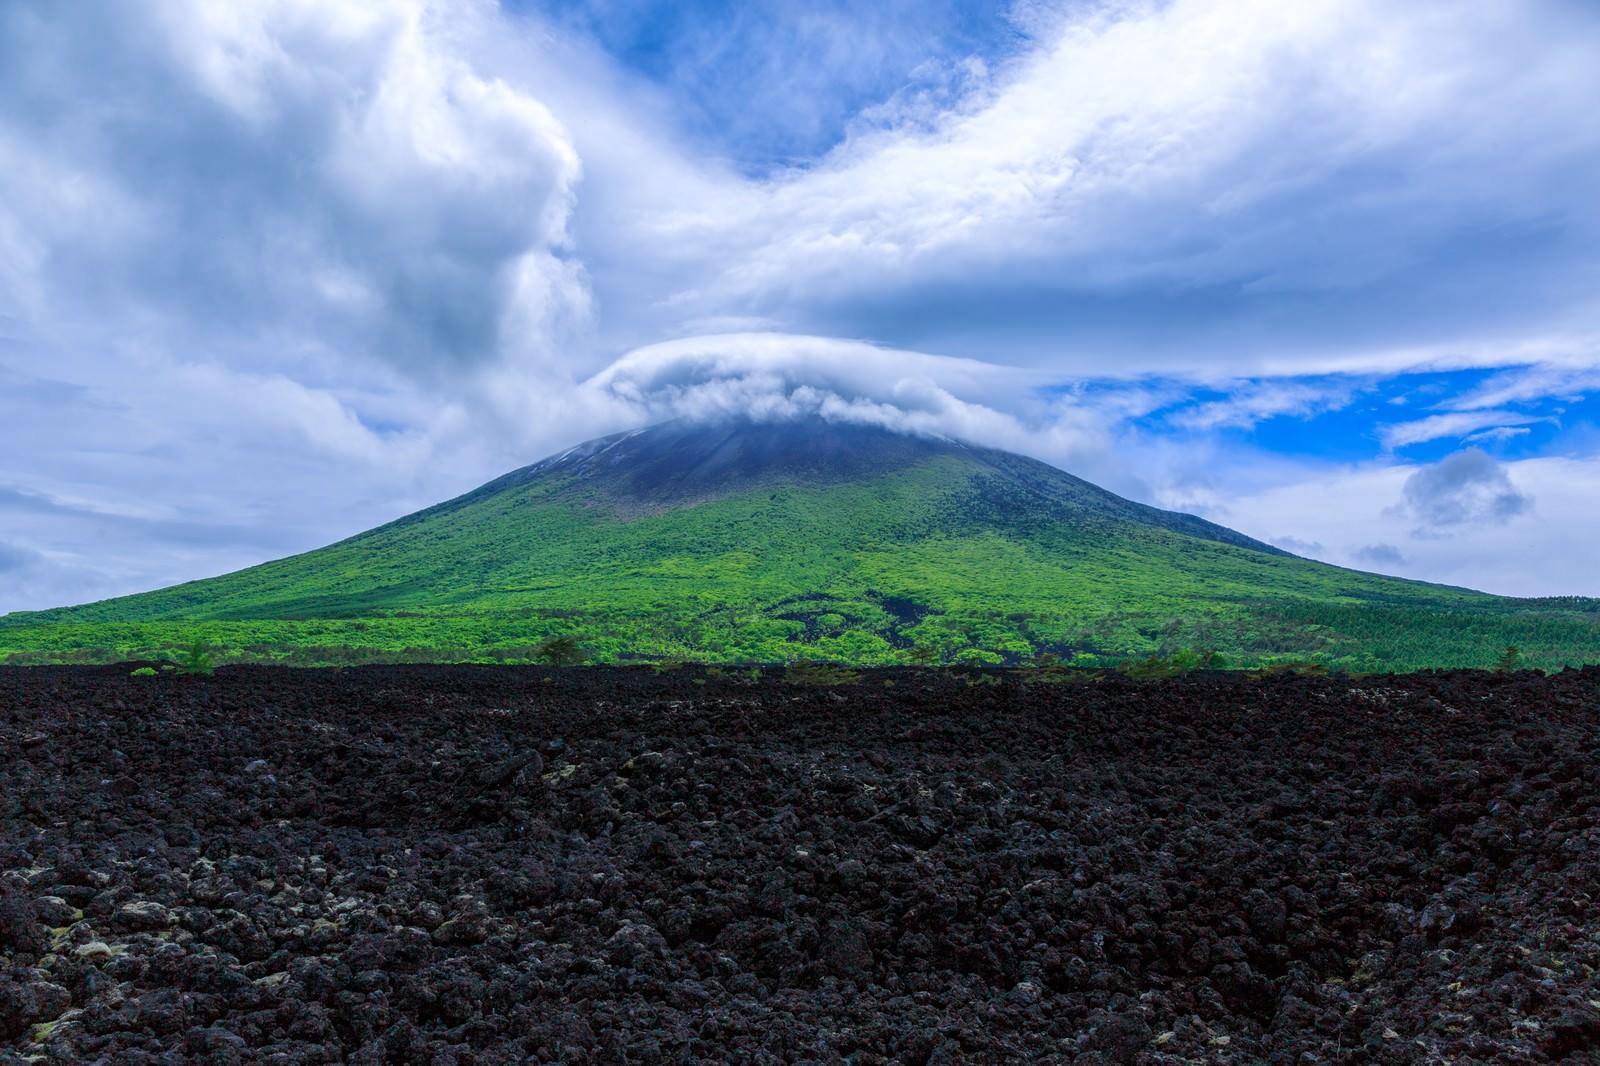 「山頂にかかる笠雲(かさぐも)」の写真